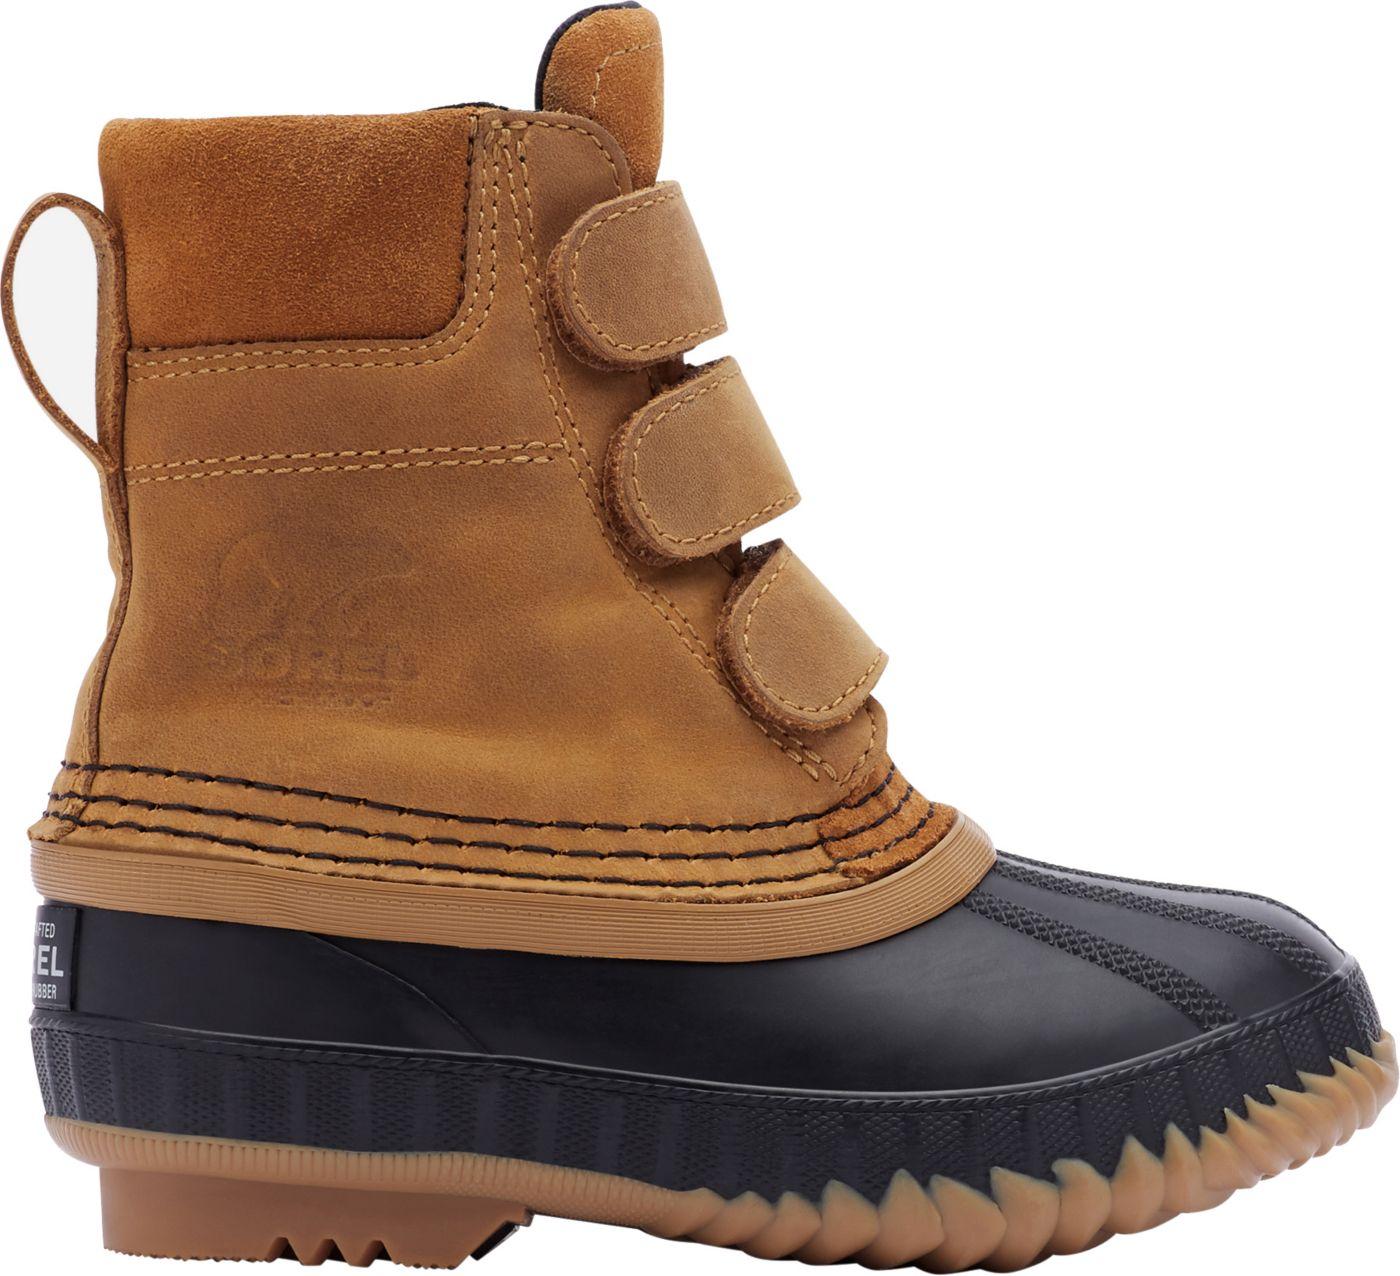 SOREL Kids' Cheyanne II Strap 200g Waterproof Winter Boots